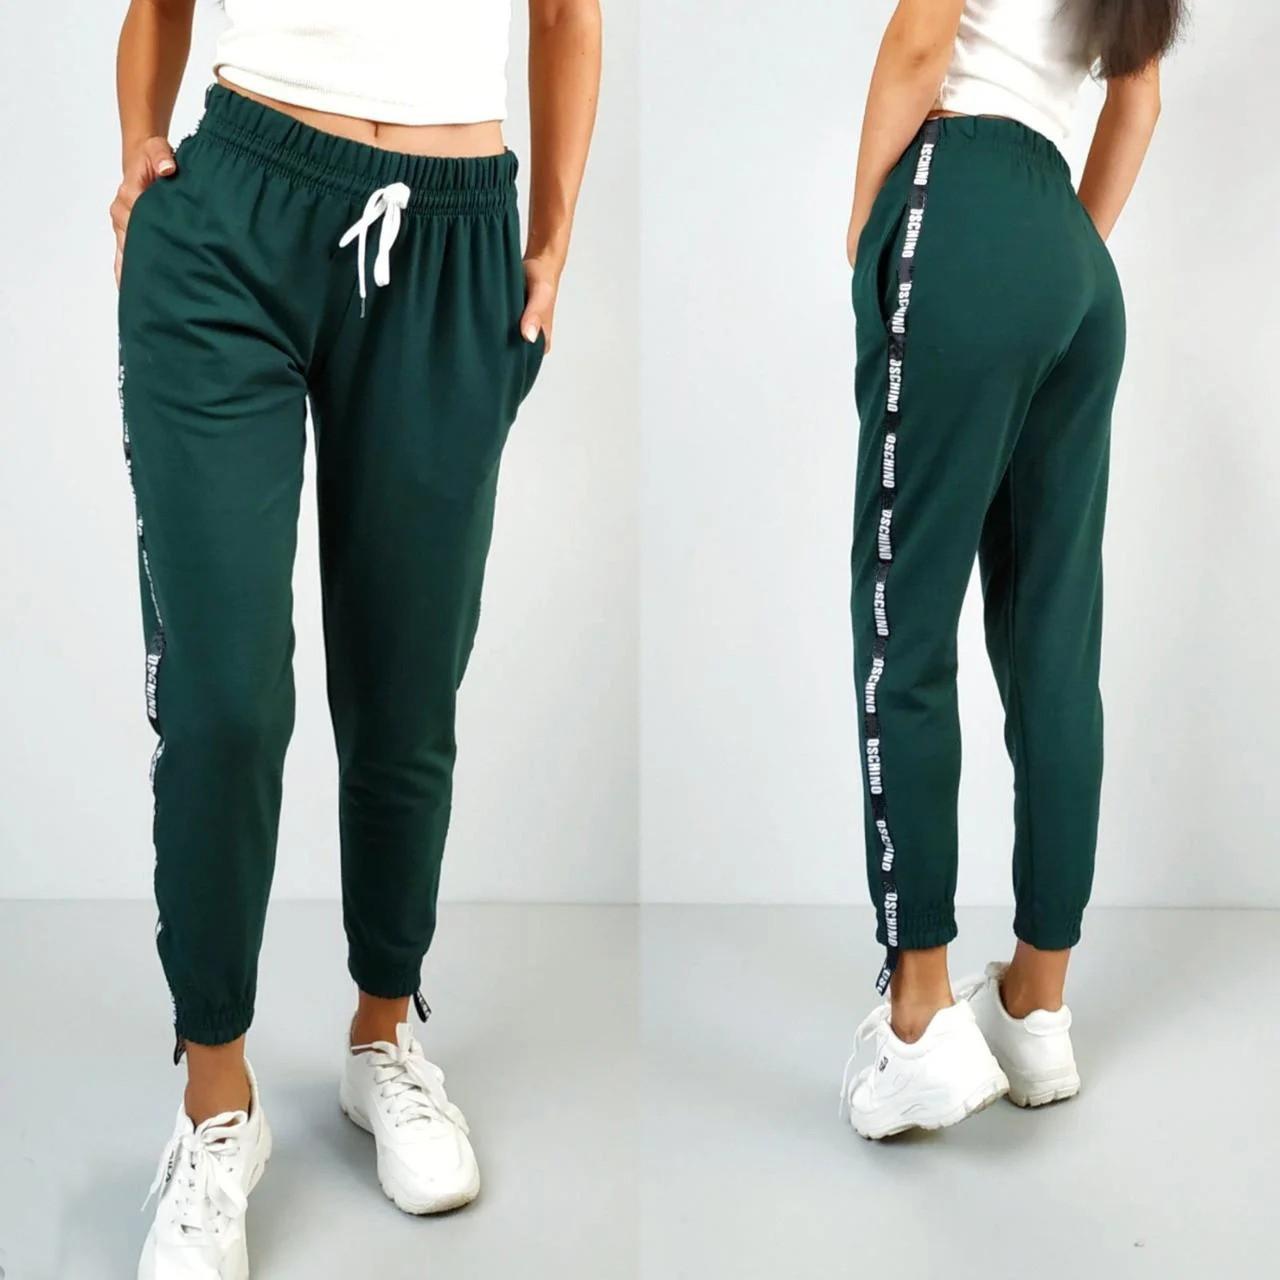 Спортивные штаны женские зеленые трикотаж с манжетами р. 50 Оschino (1230578089)